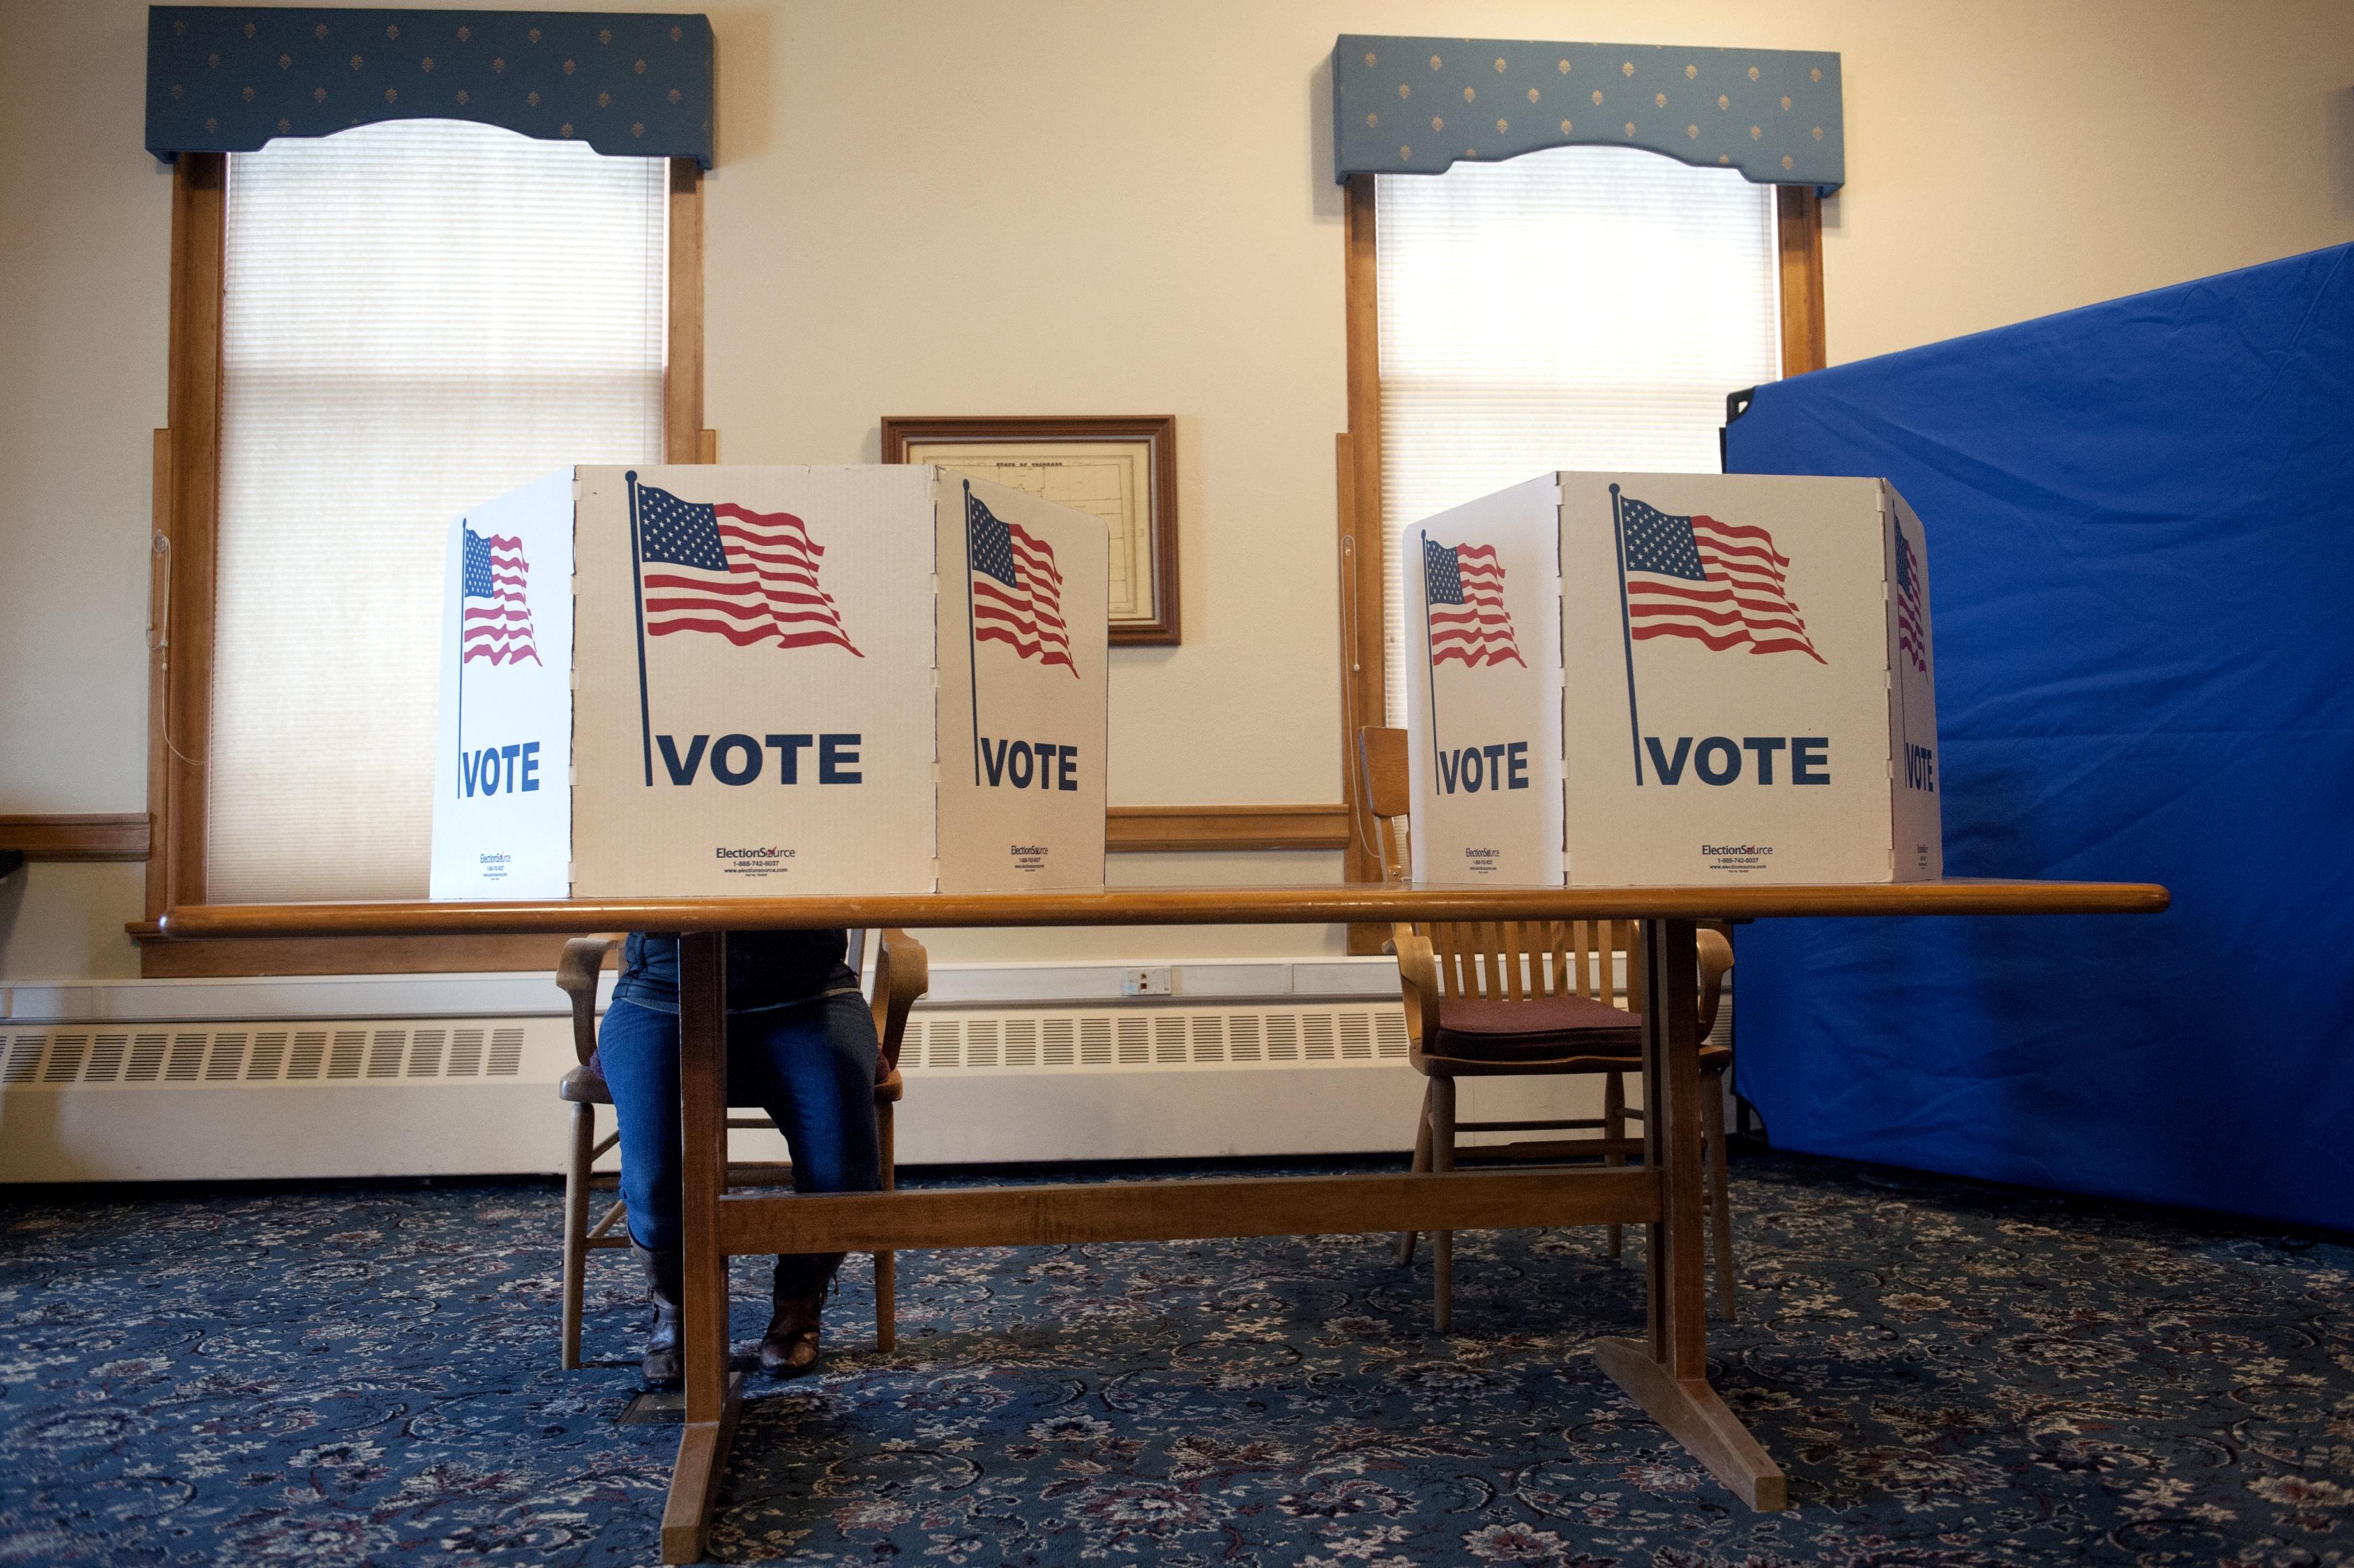 A voter cast her midterm ballot in Breckenridge, Colorado on Nov. 6, 2018.